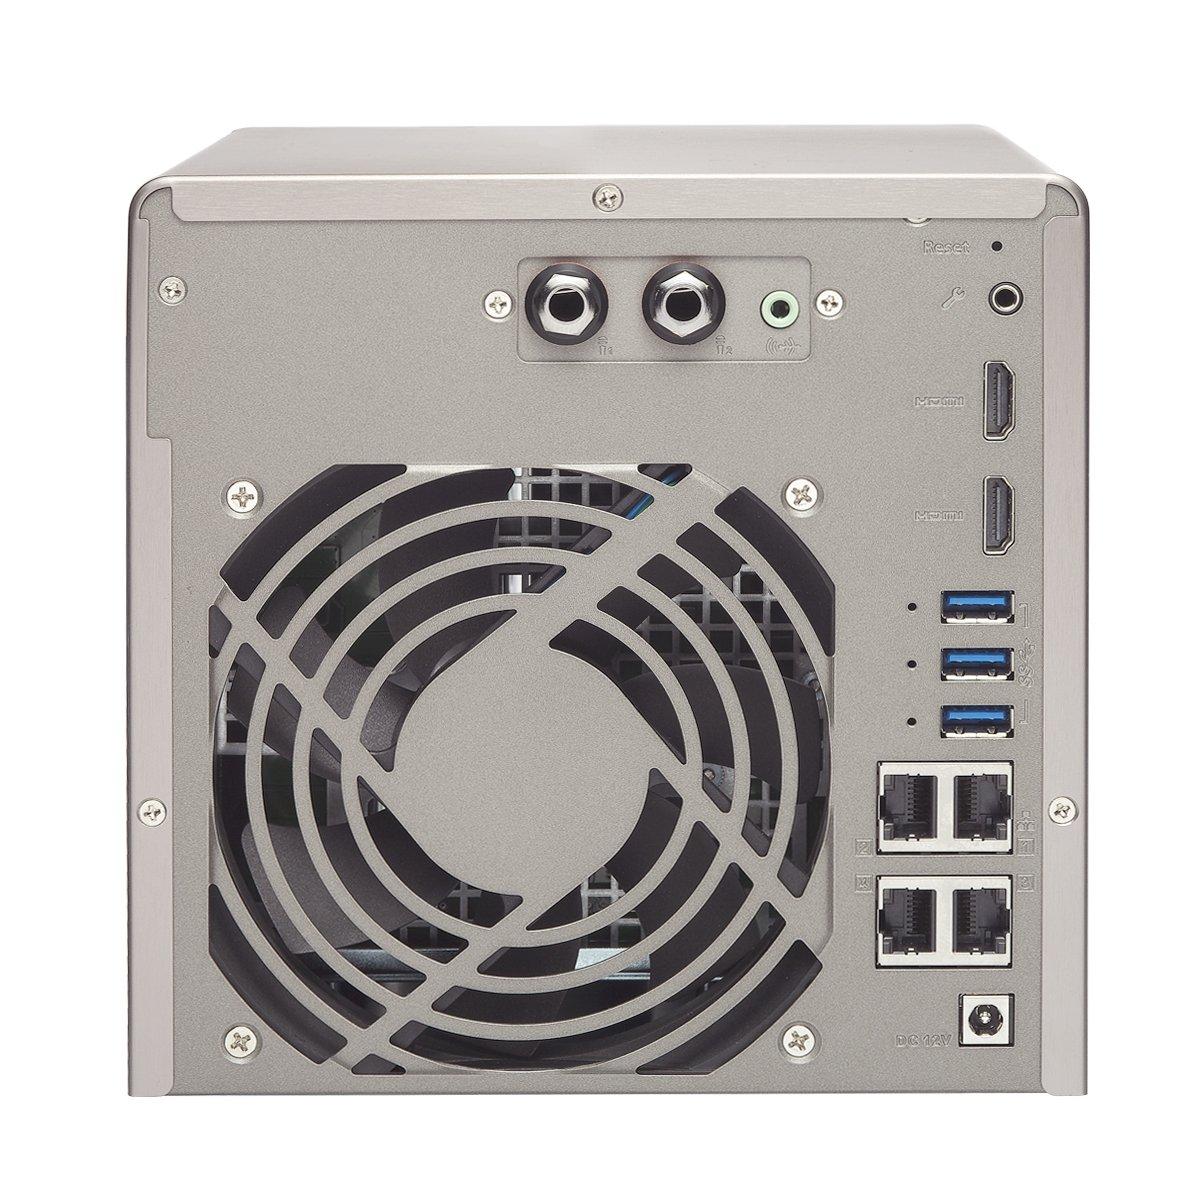 QNAP TS-453A NAS Torre Ethernet Negro - Unidad Raid (Unidad de Disco Duro, SSD, Serial ATA III, 2.5/3.5